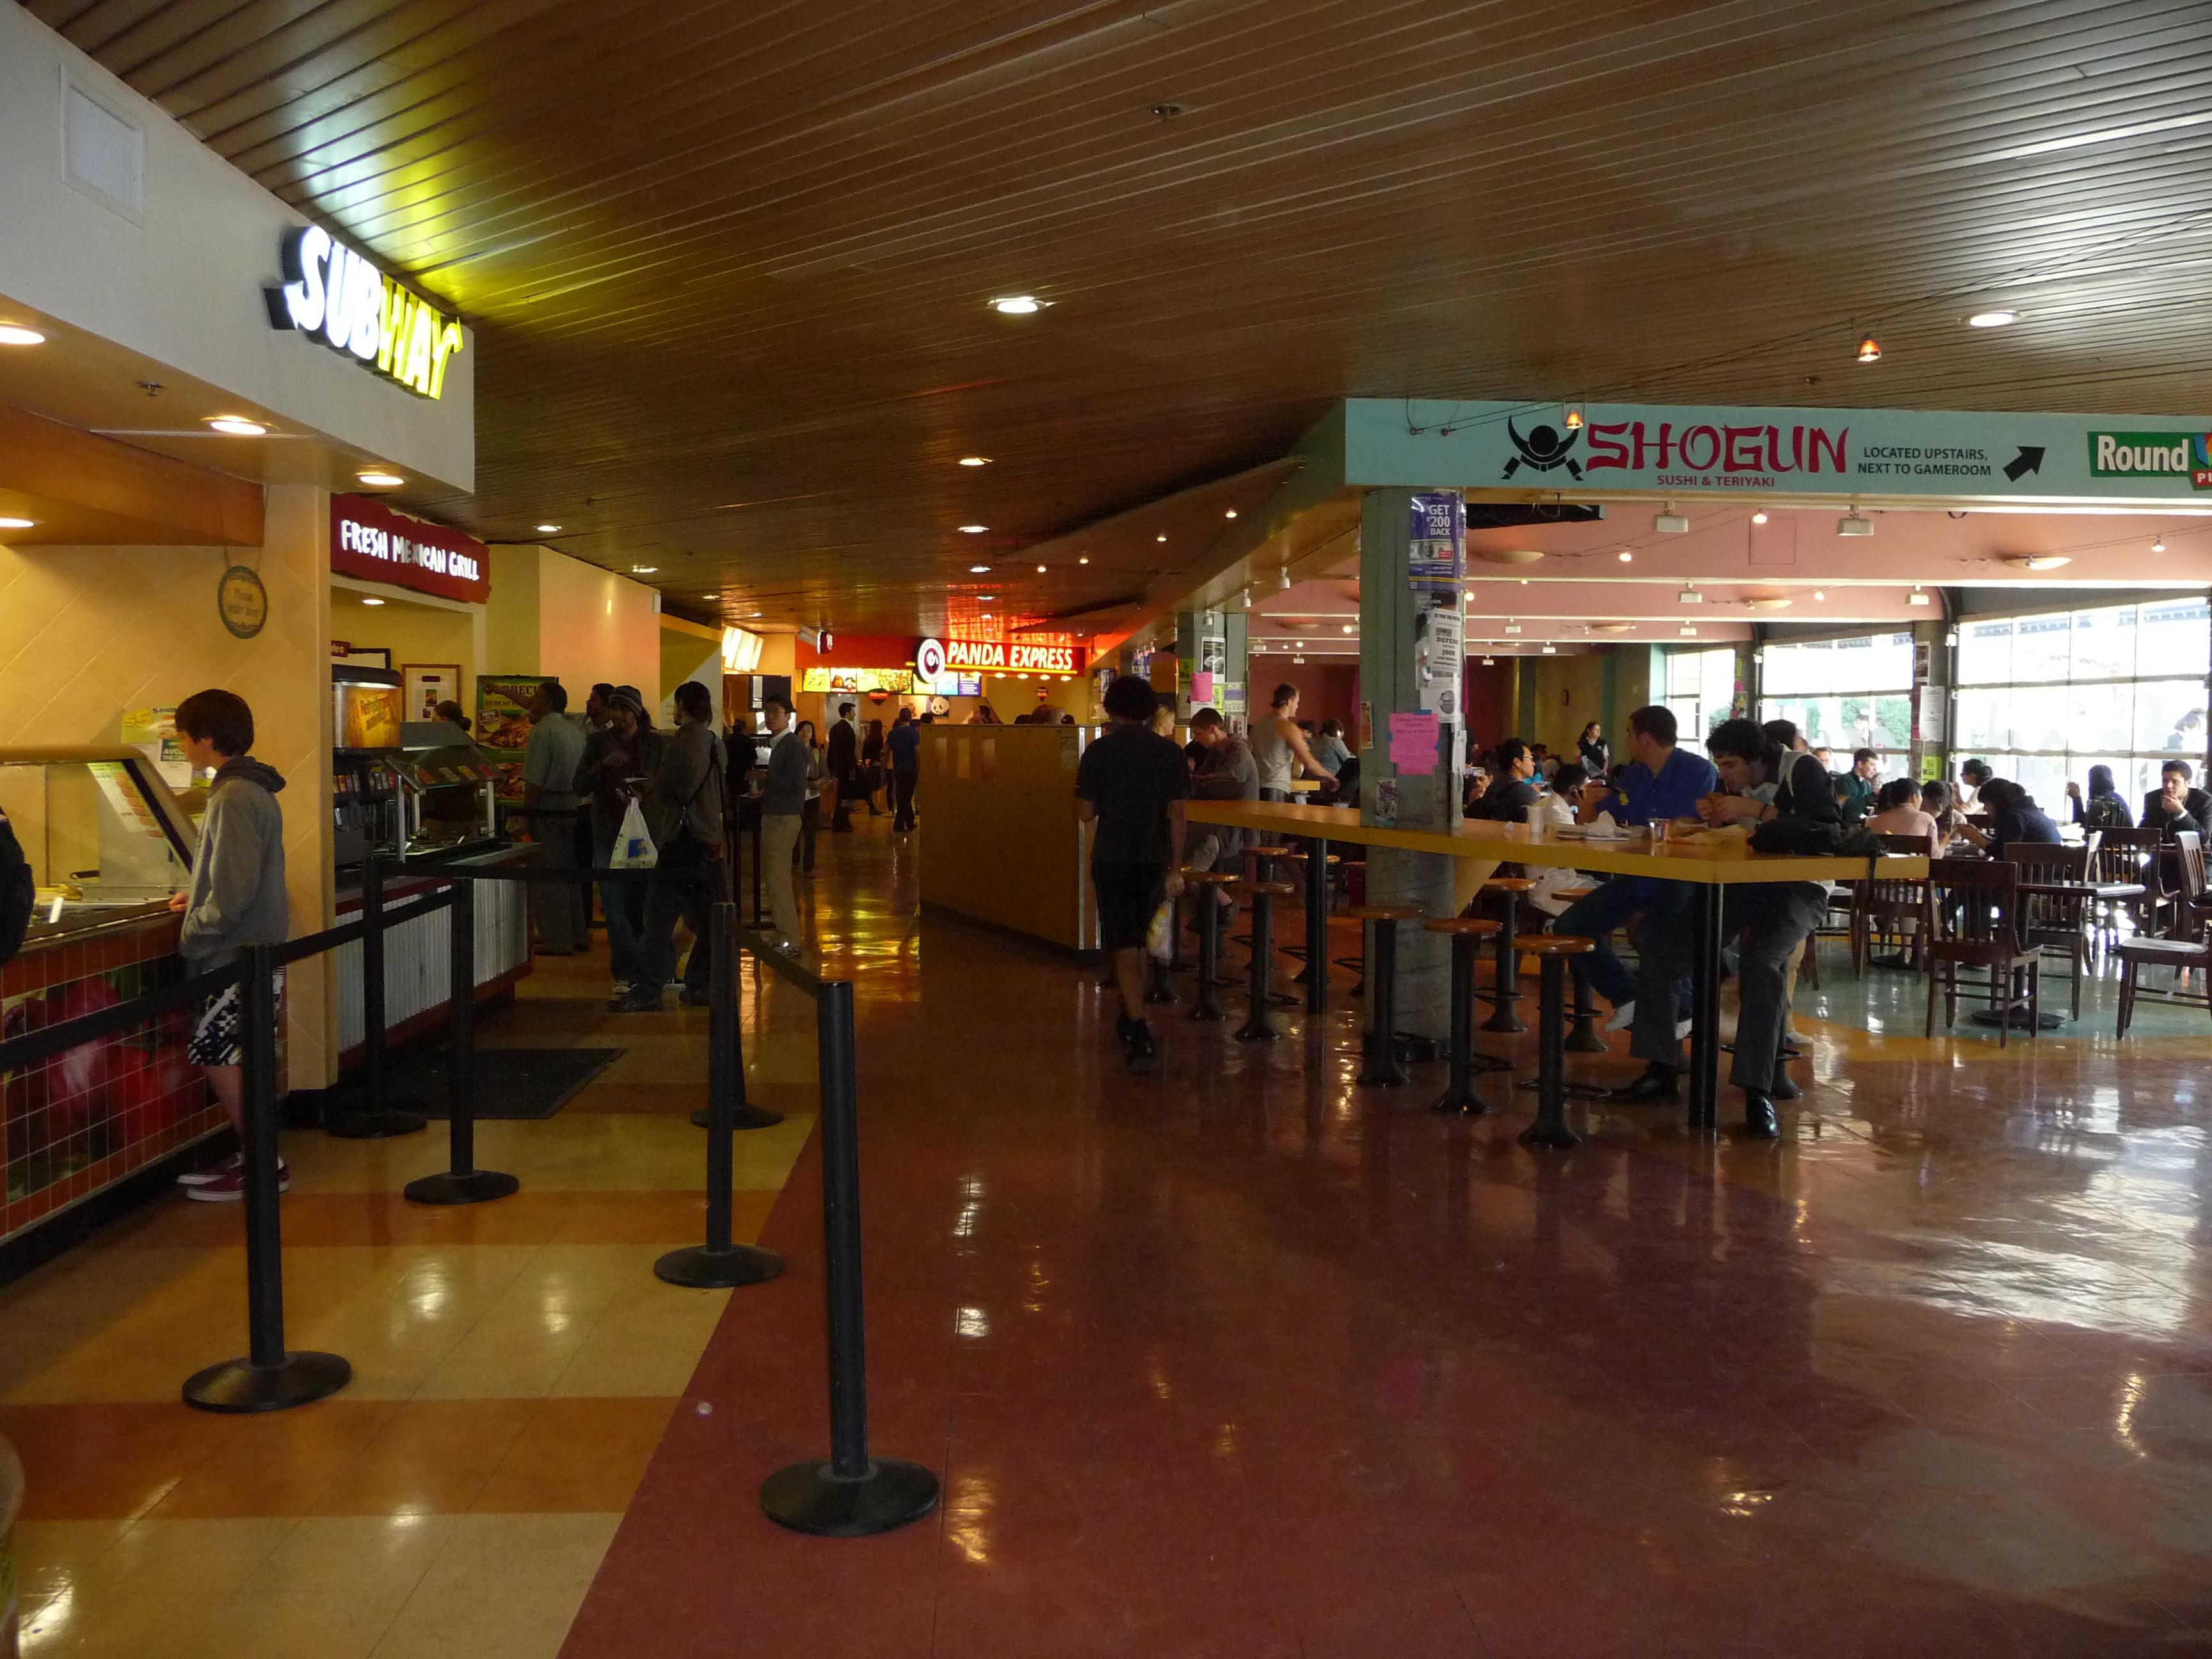 FilePrice Center West Interior UCSDJPG